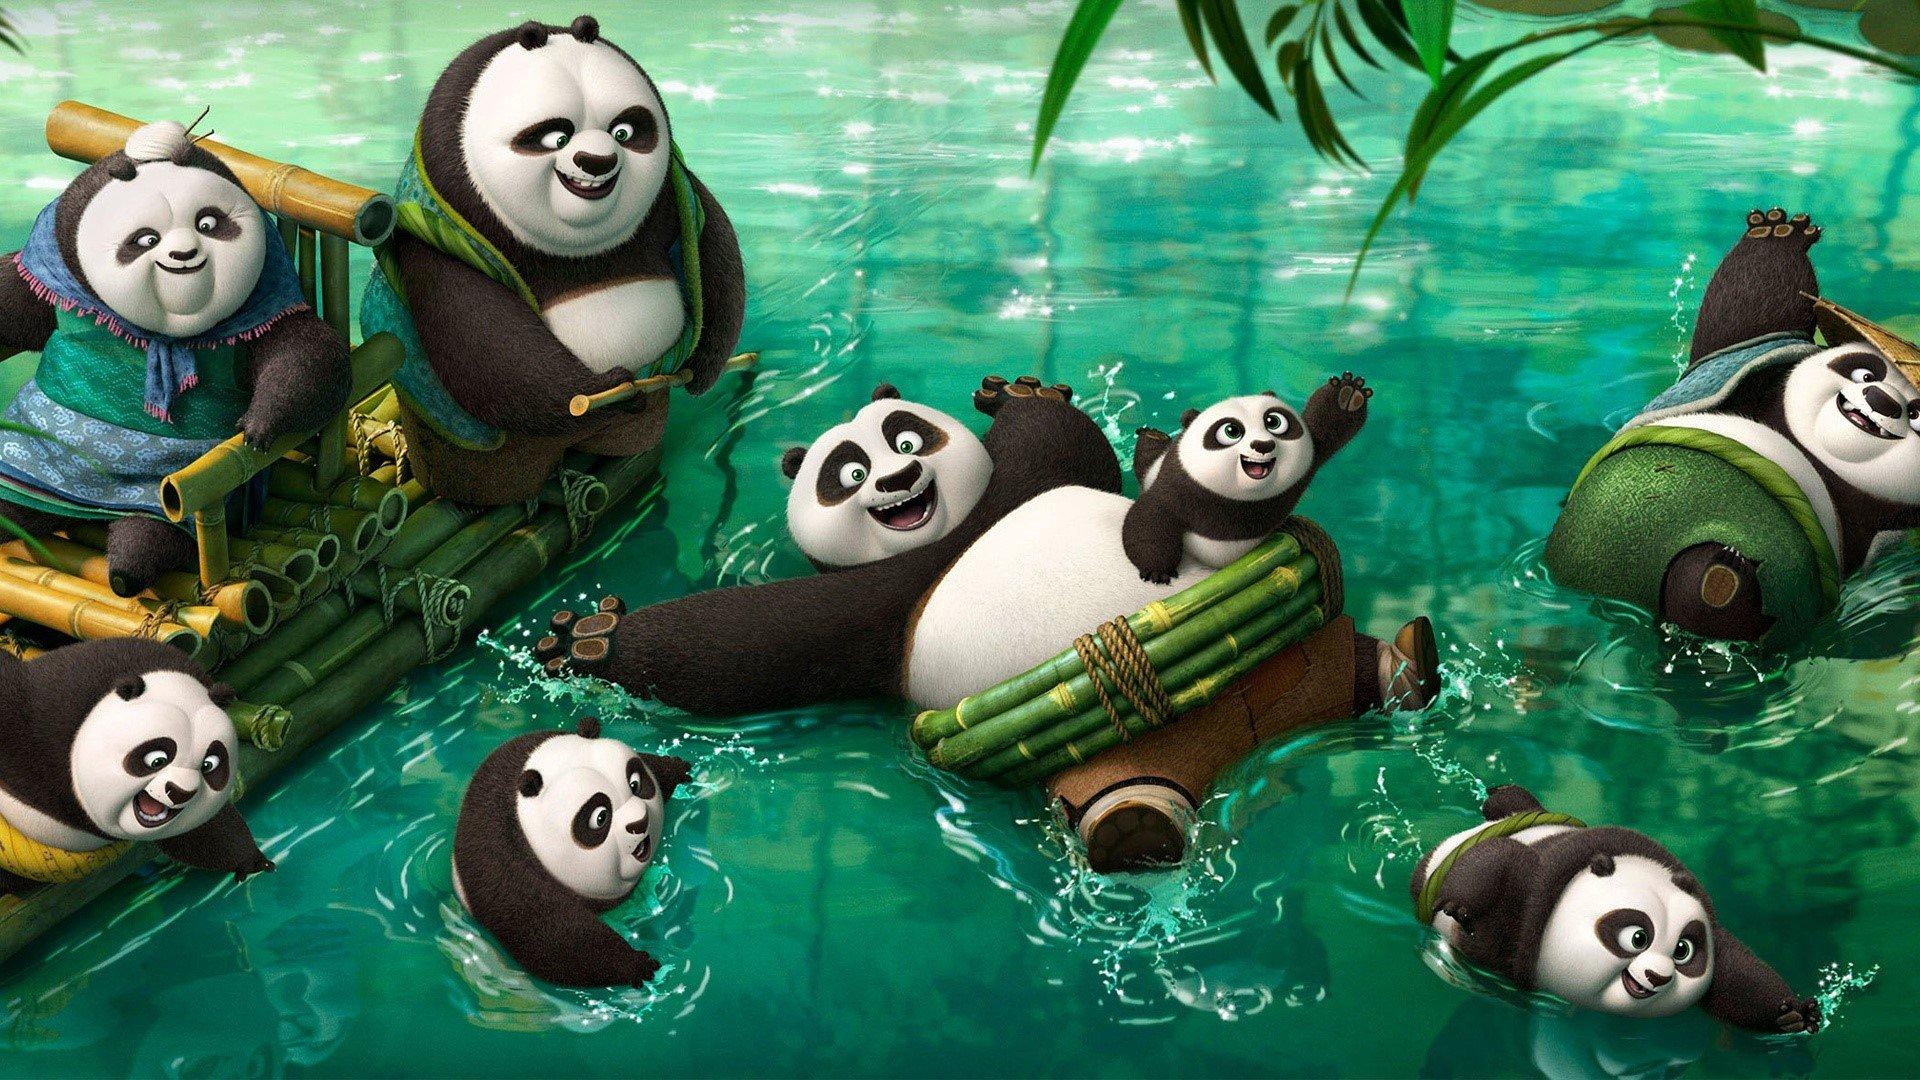 Wallpaper New characters of Kung fu Panda 3